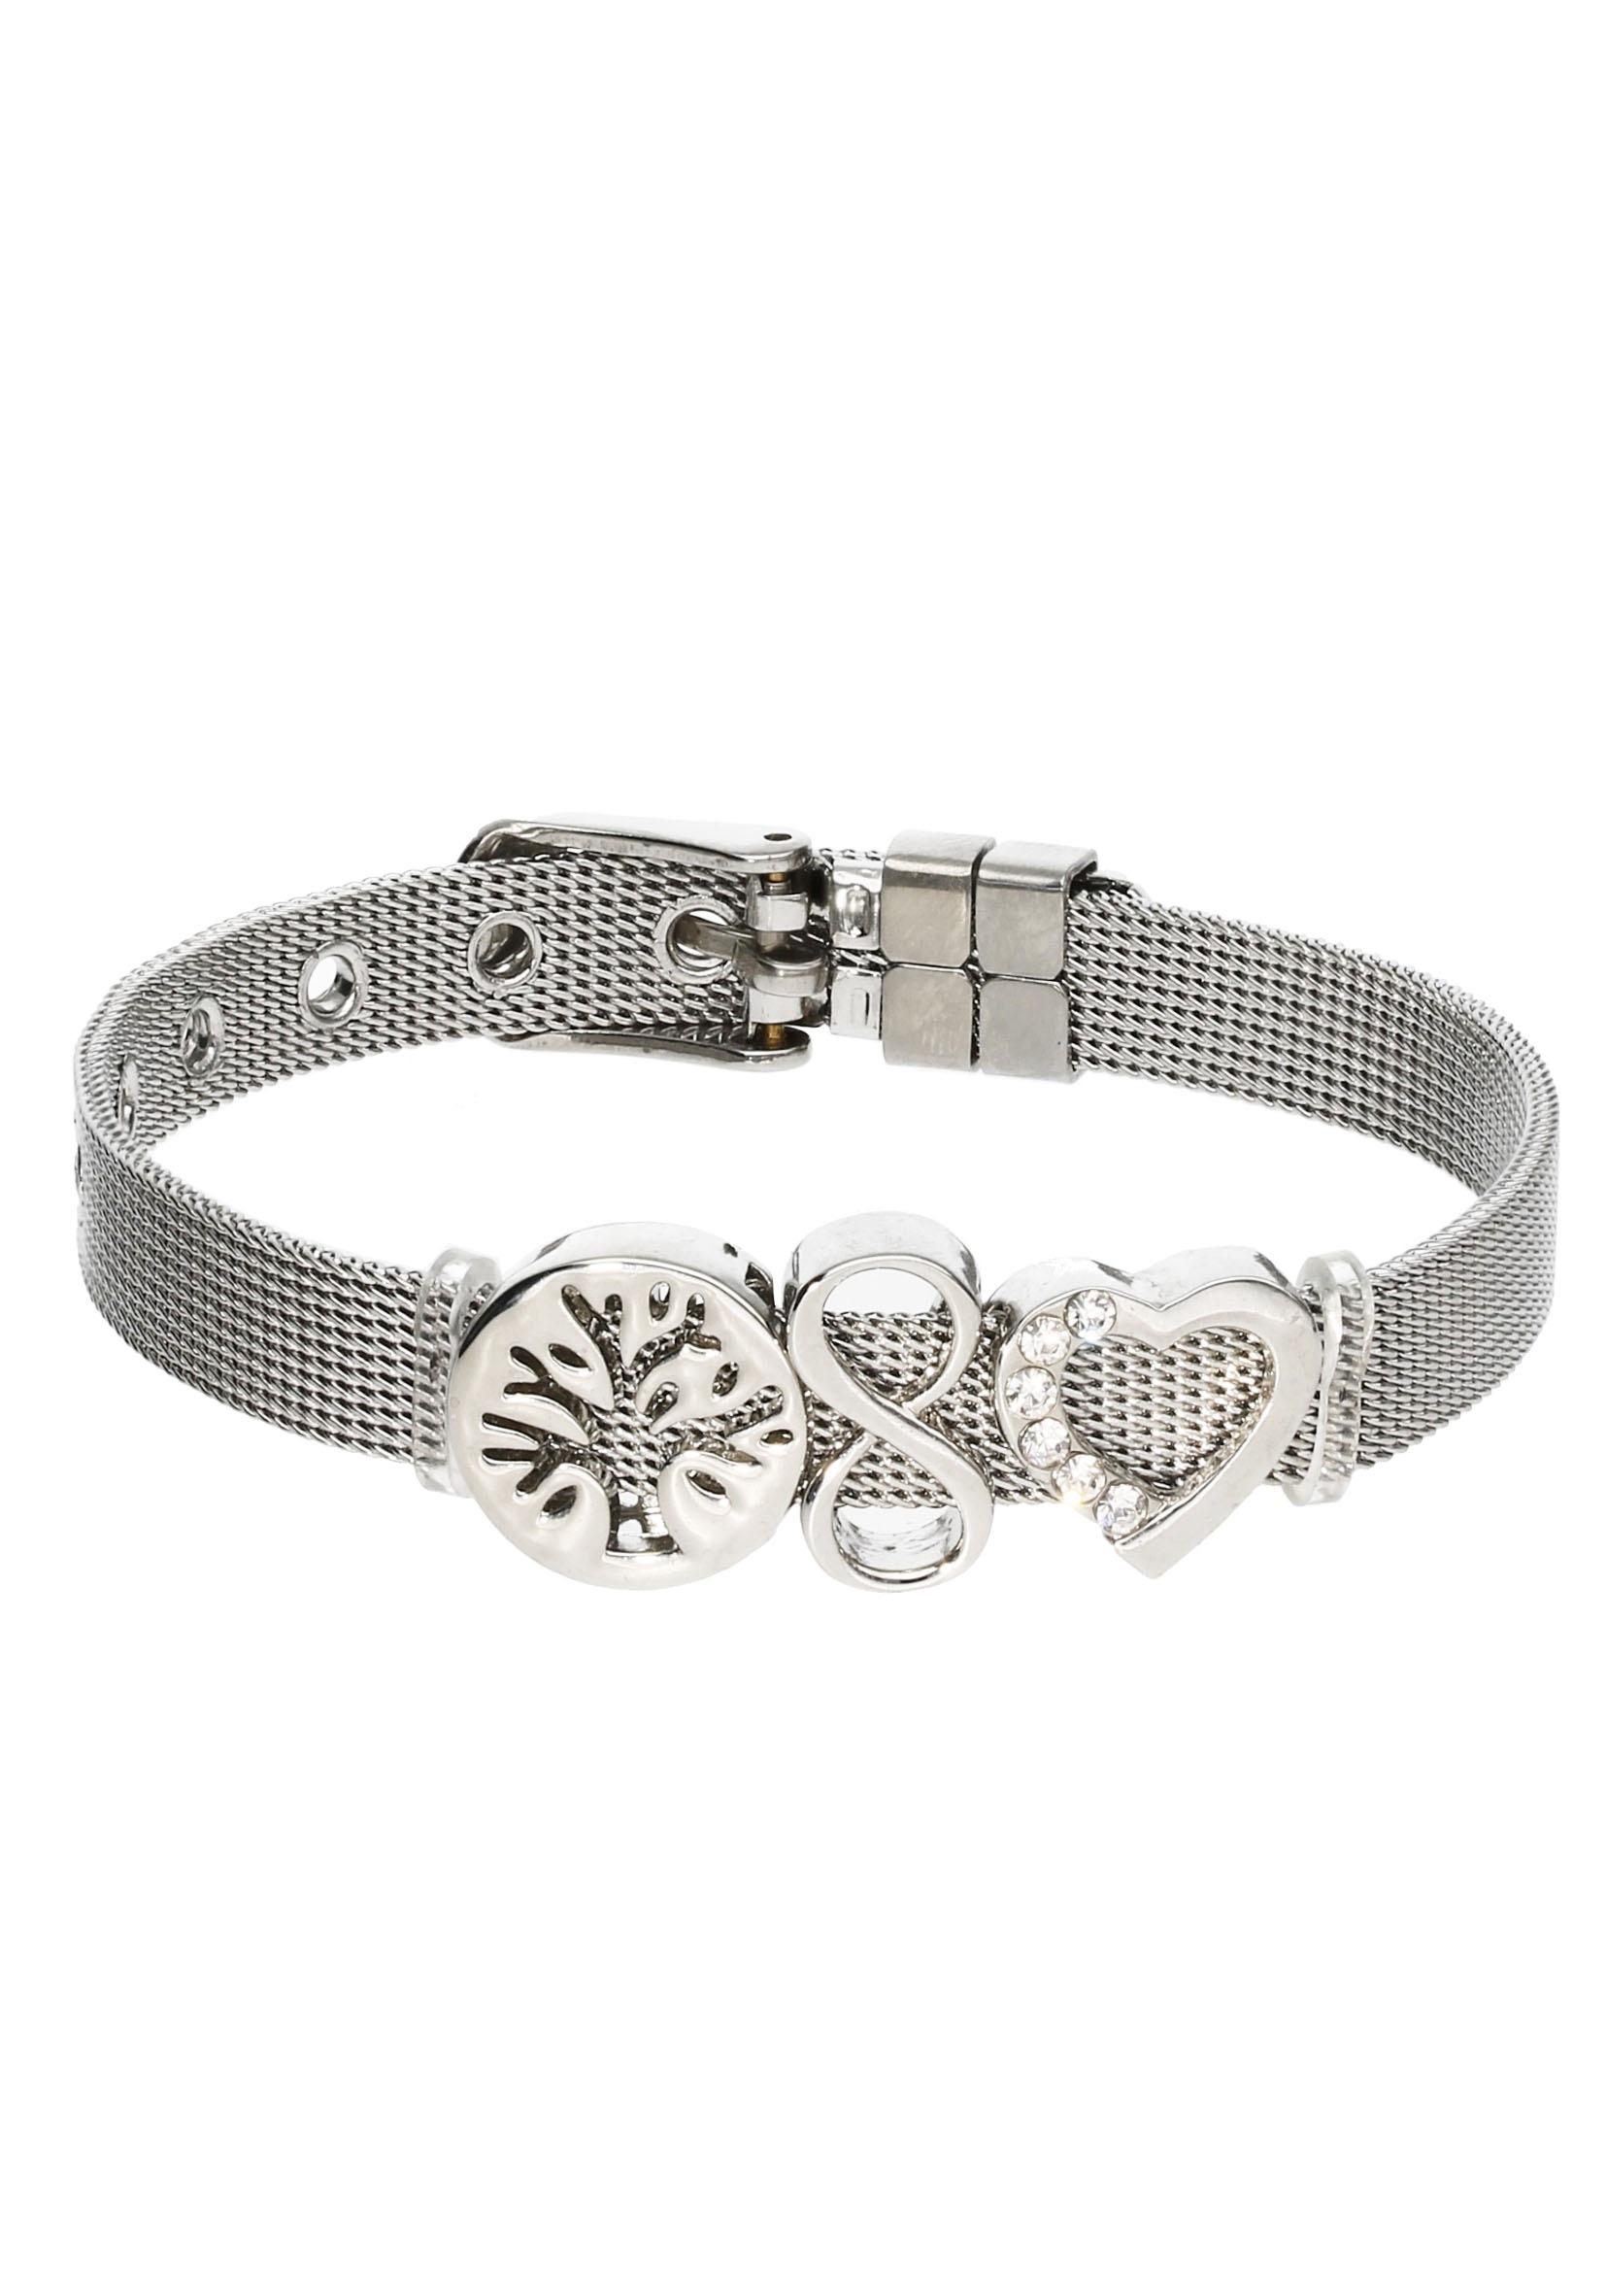 firetti -  Armband Set Milanaise Lebensbaum Infinity/Unendlichkeitsschleife Herz 78 mm breit